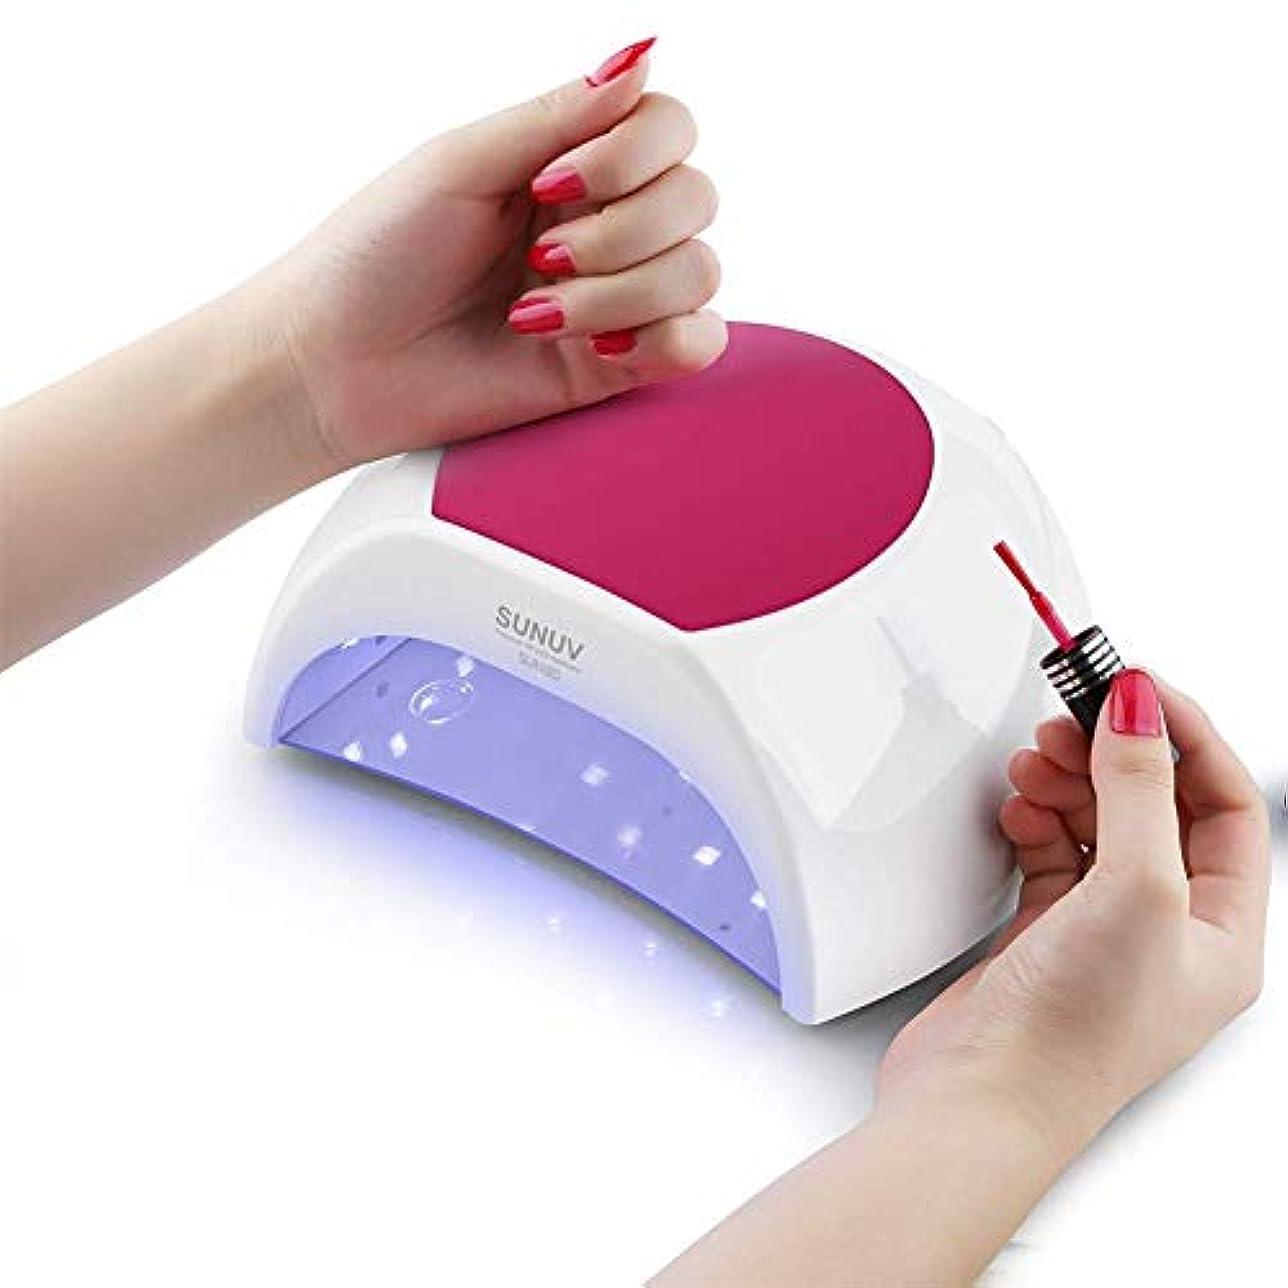 チーフ連帯恋人48ワットネイルランプUVランプネイルドライヤー用紫外線ledジェルネイルドライヤー赤外線センサー付きローズシリコーンパッドサロン使用